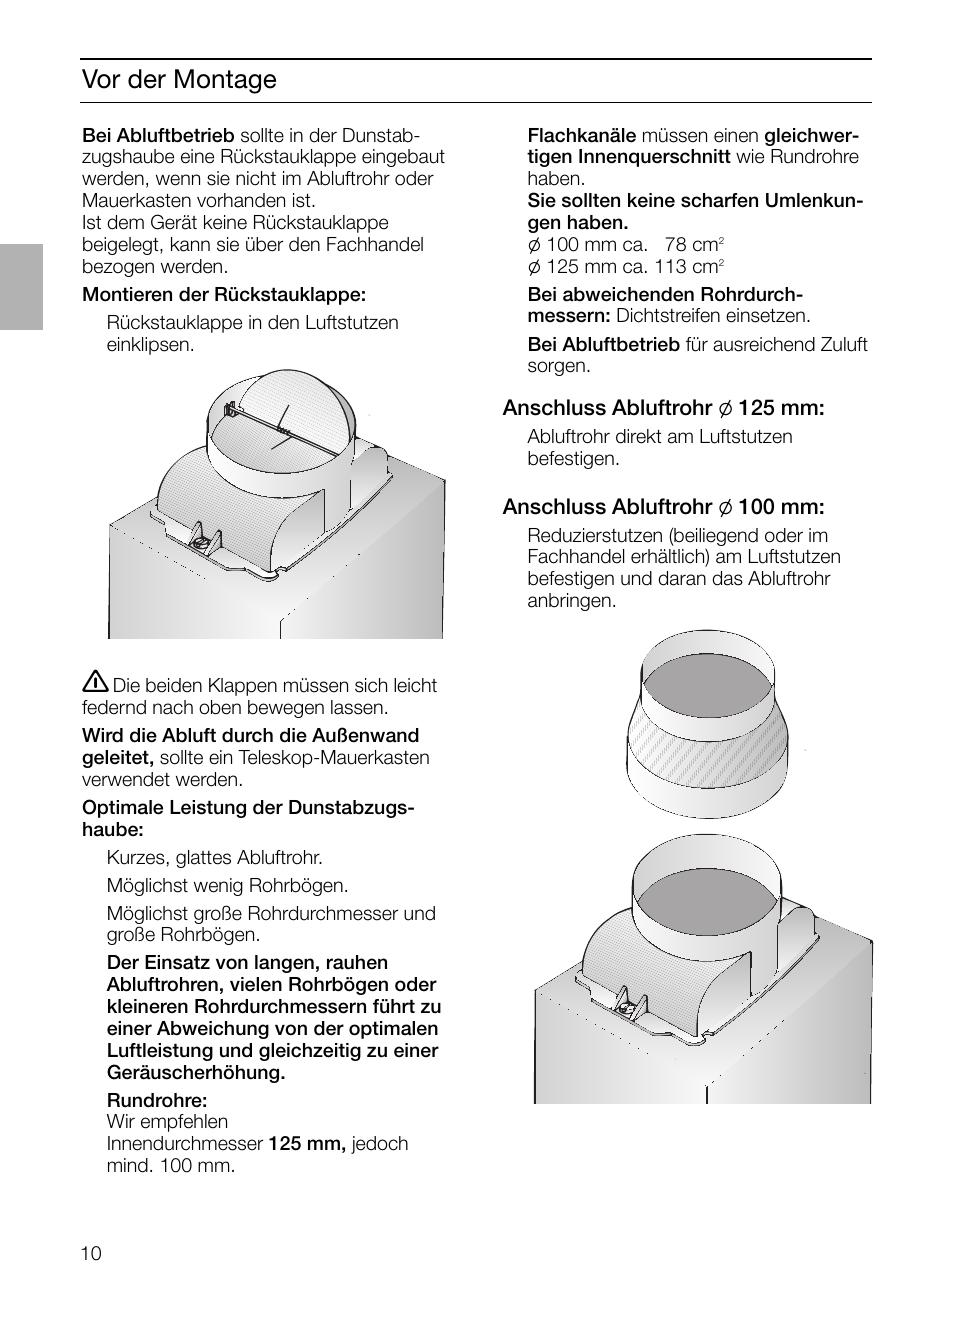 vor der montage | siemens lc 46492 user manual | page 10 / 80